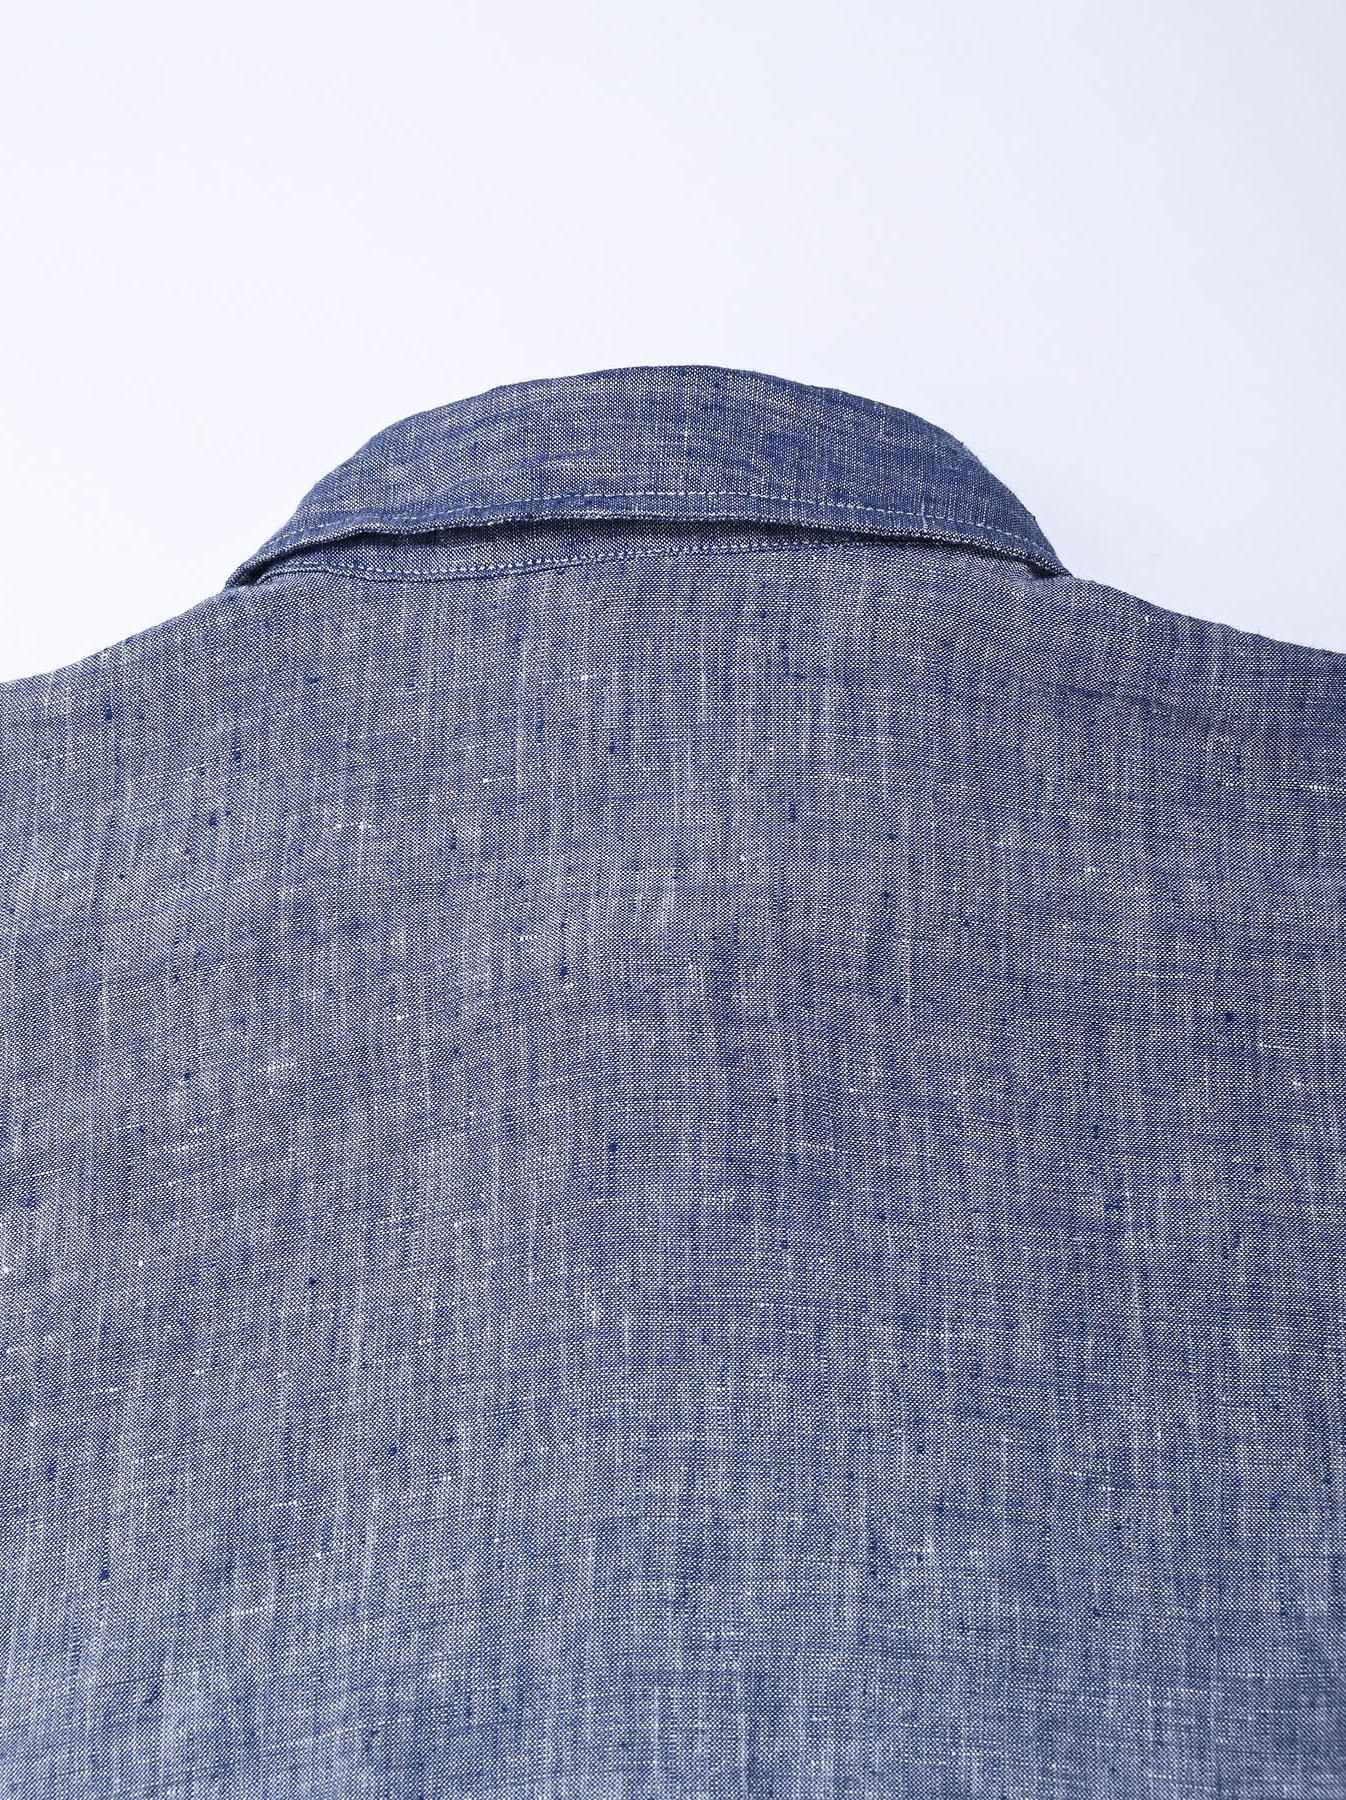 Indian Linen Big Dress (0421)-7